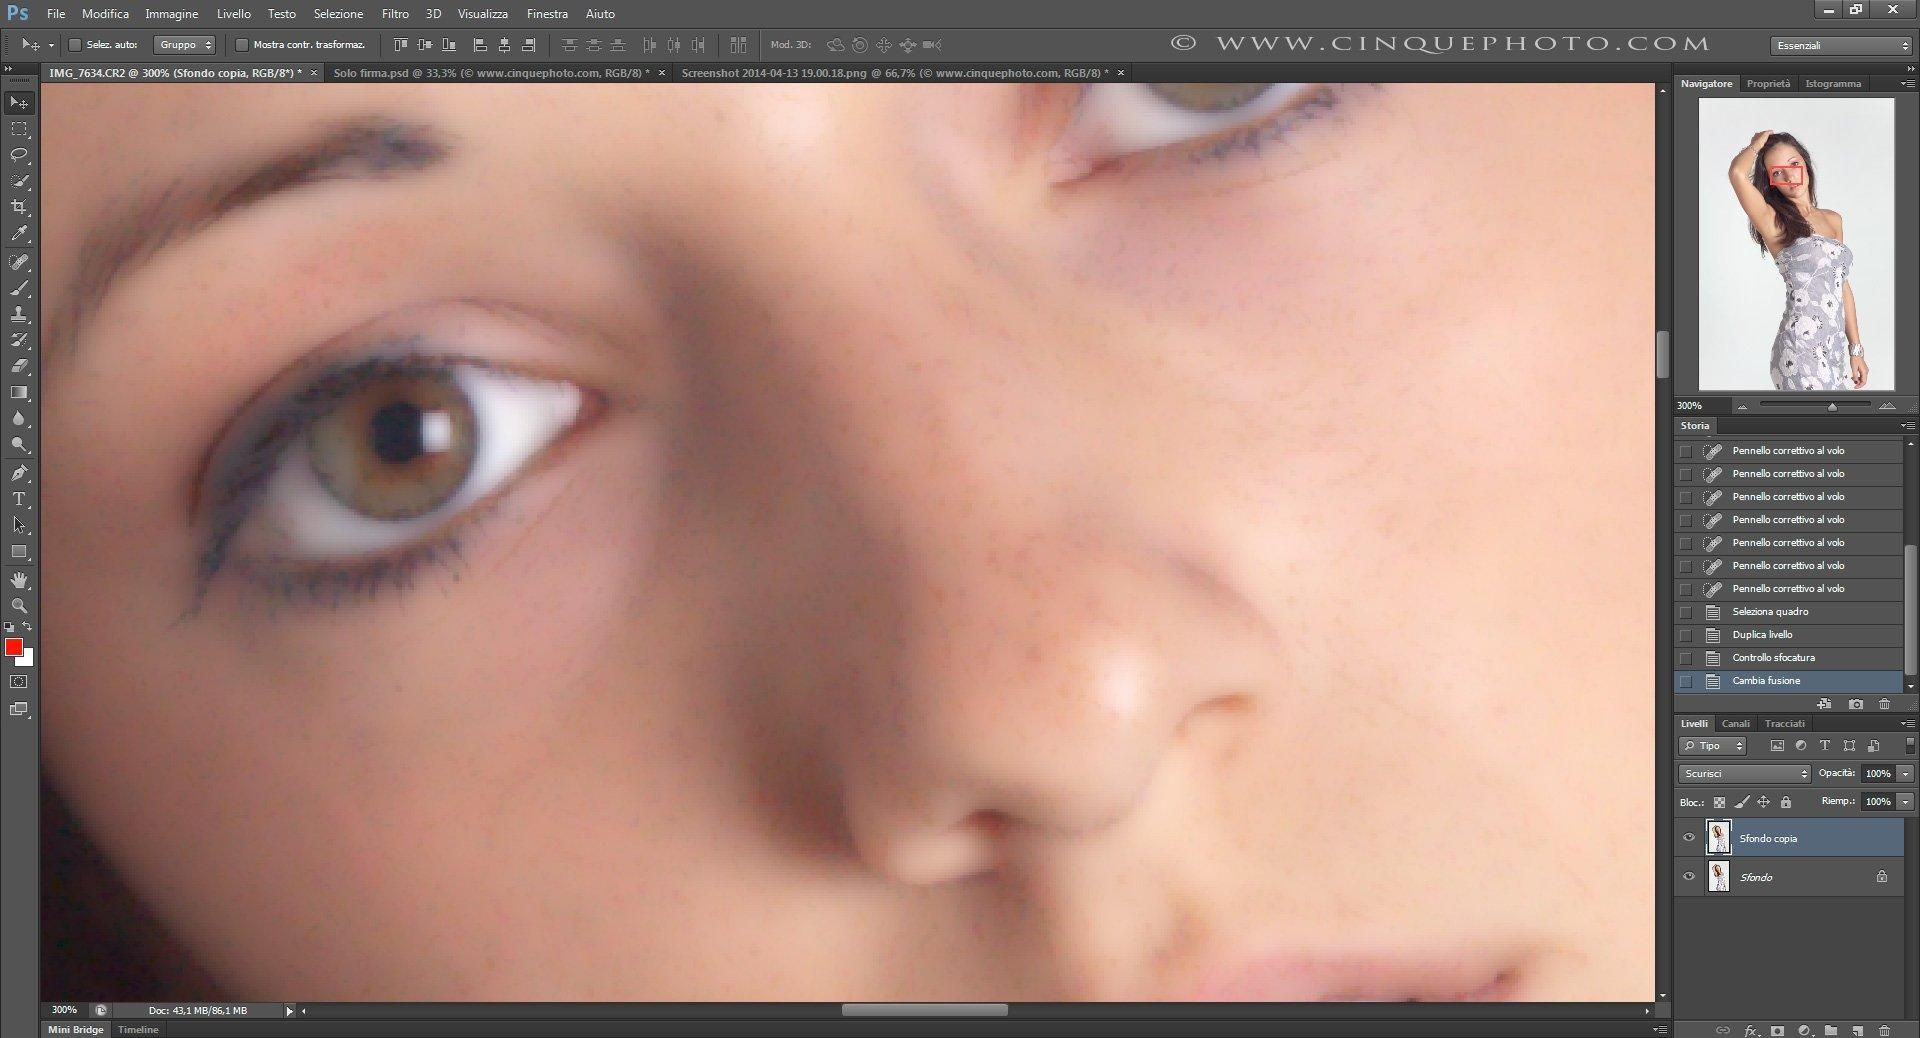 Passo 4: Tecniche di Ritocco Viso con Photoshop per fotografia Beauty